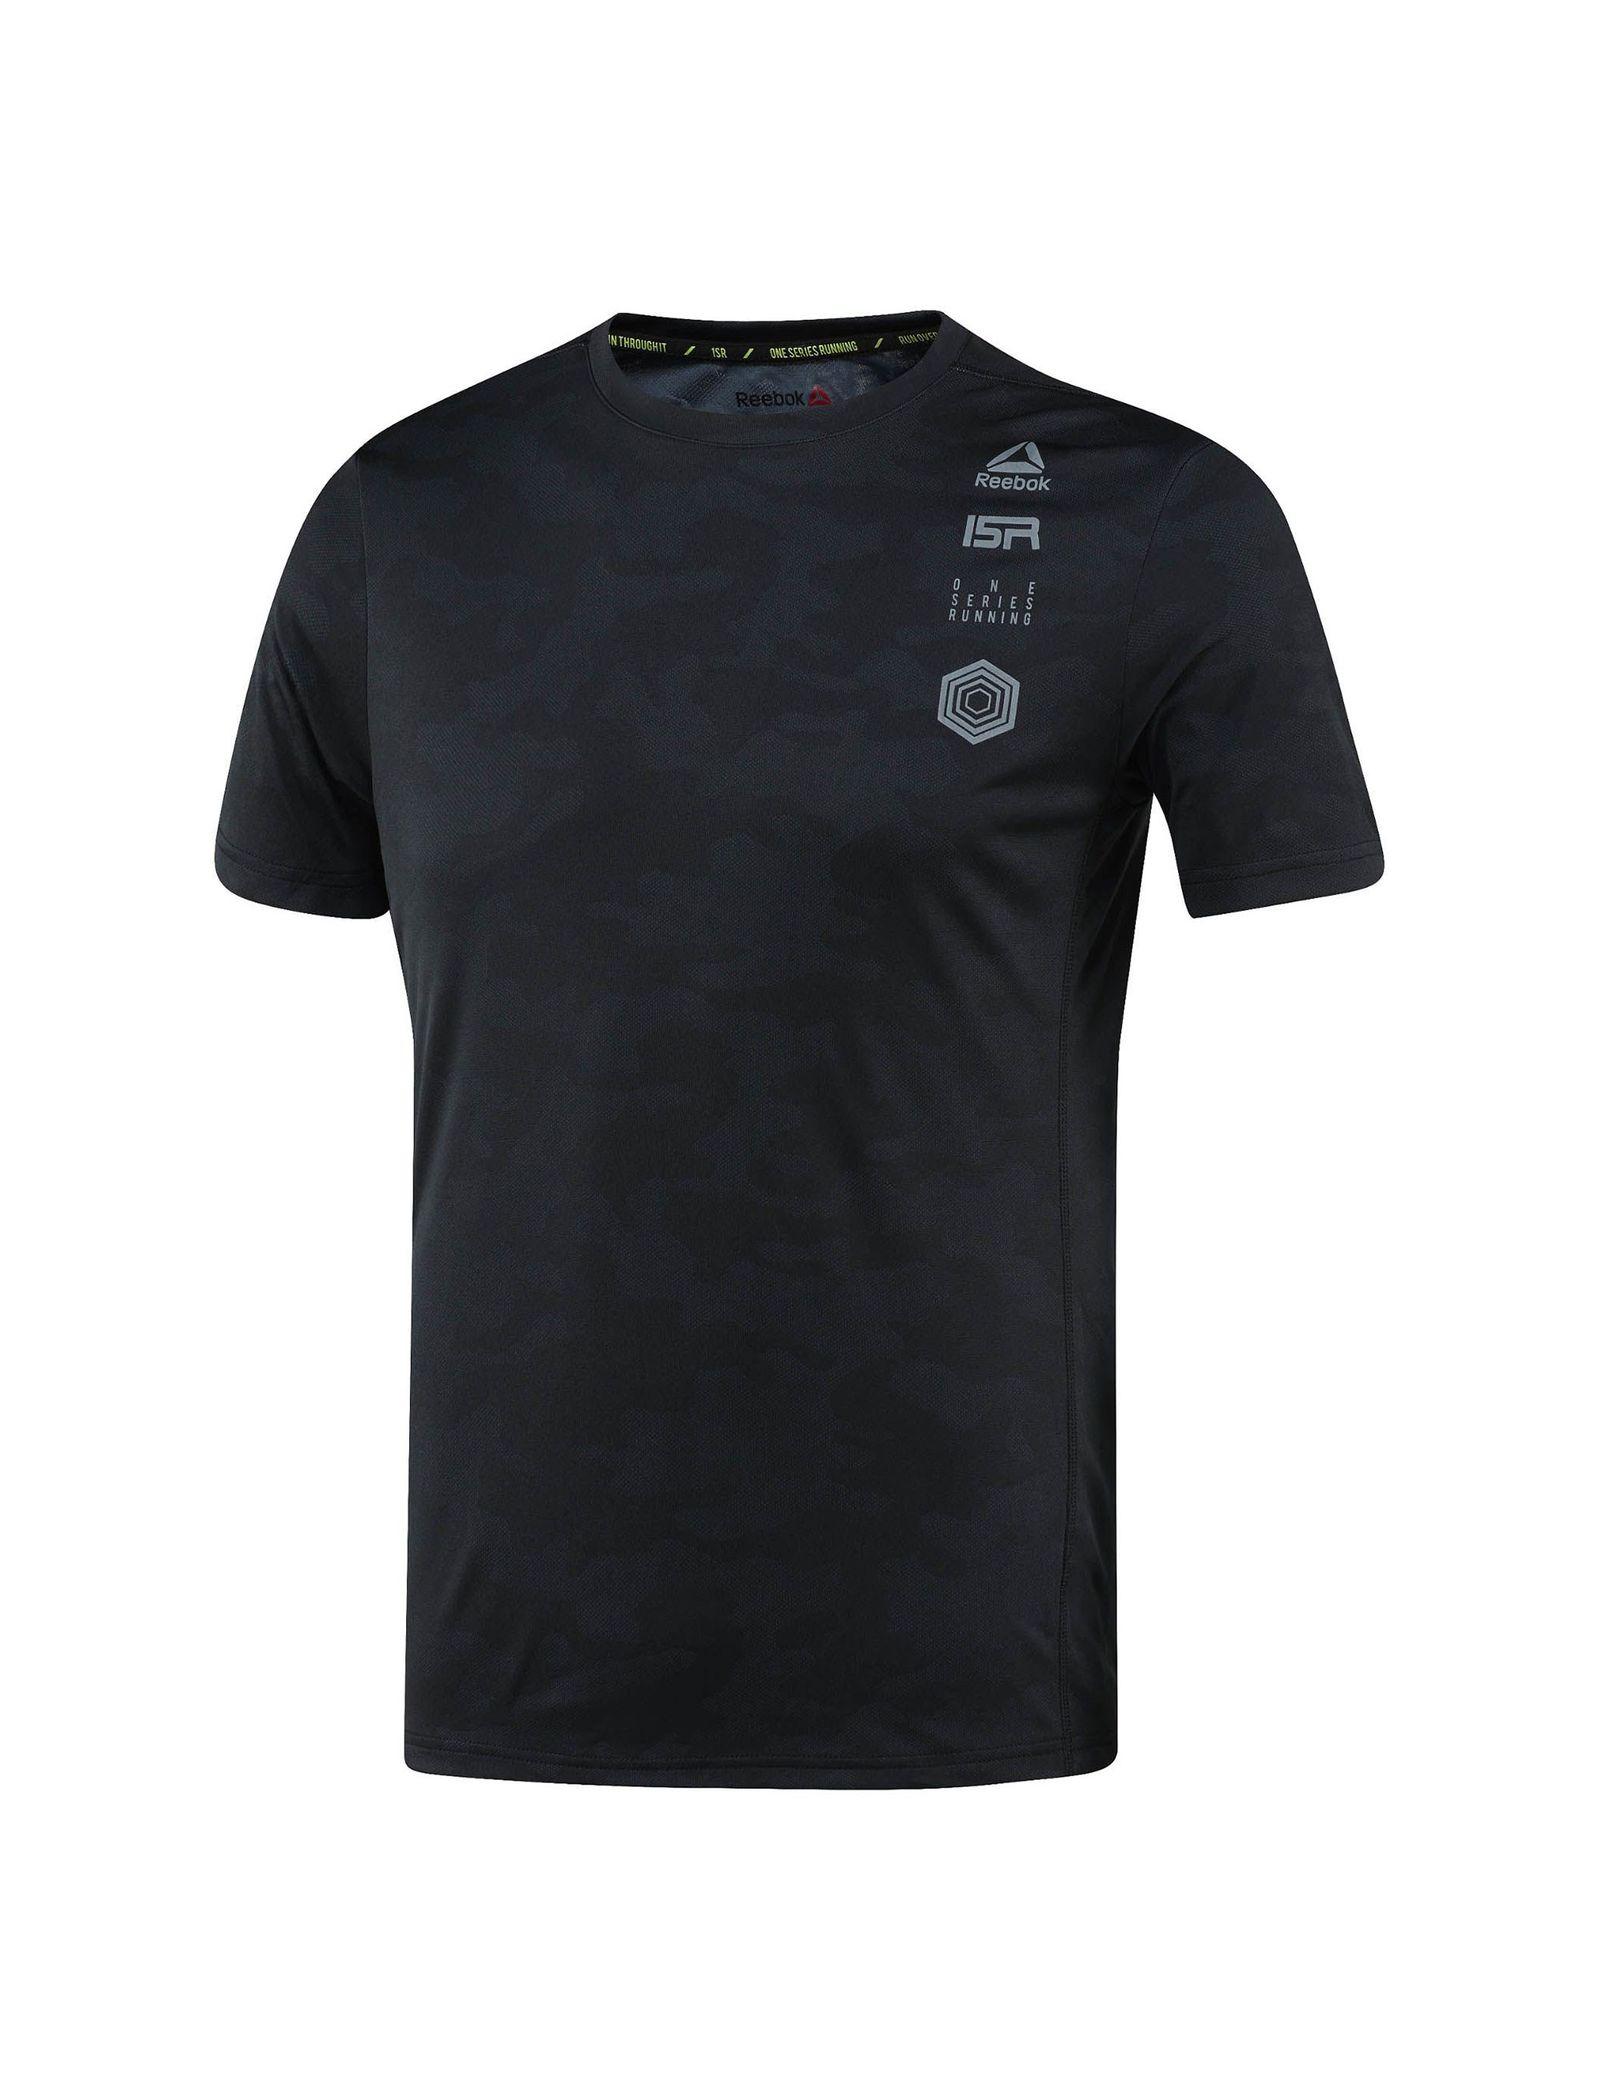 تی شرت ورزشی آستین کوتاه مردانه - ریباک - مشکي - 1